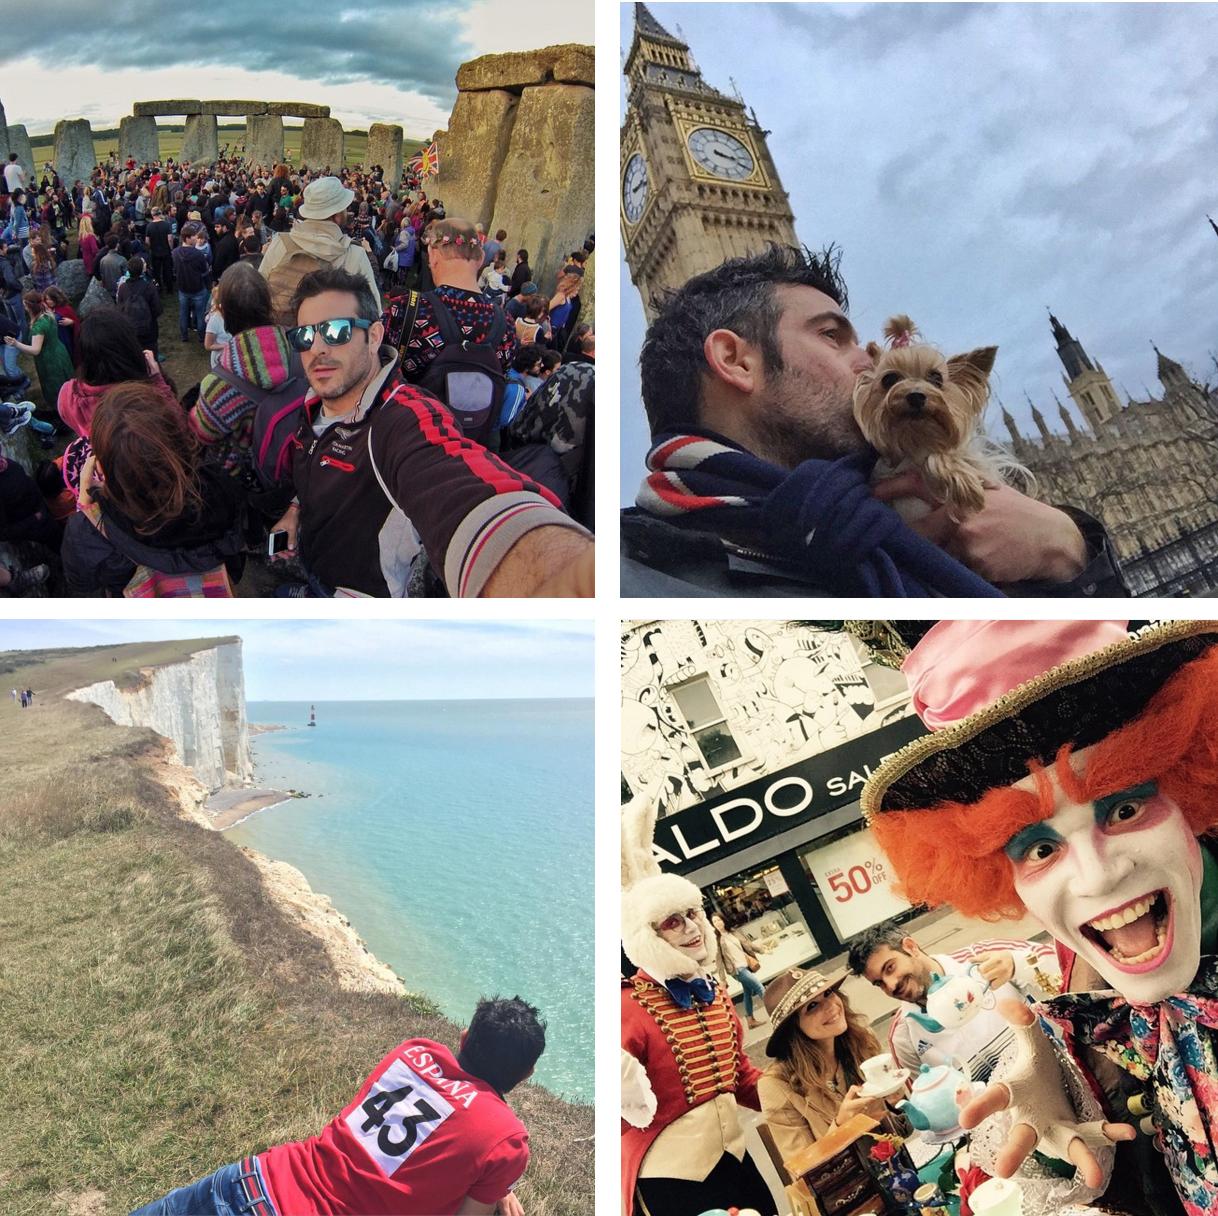 Inglaterra memoria de viajes 2015 - 23838506980 041ffaebe3 o - Memoria de Viajes 2015